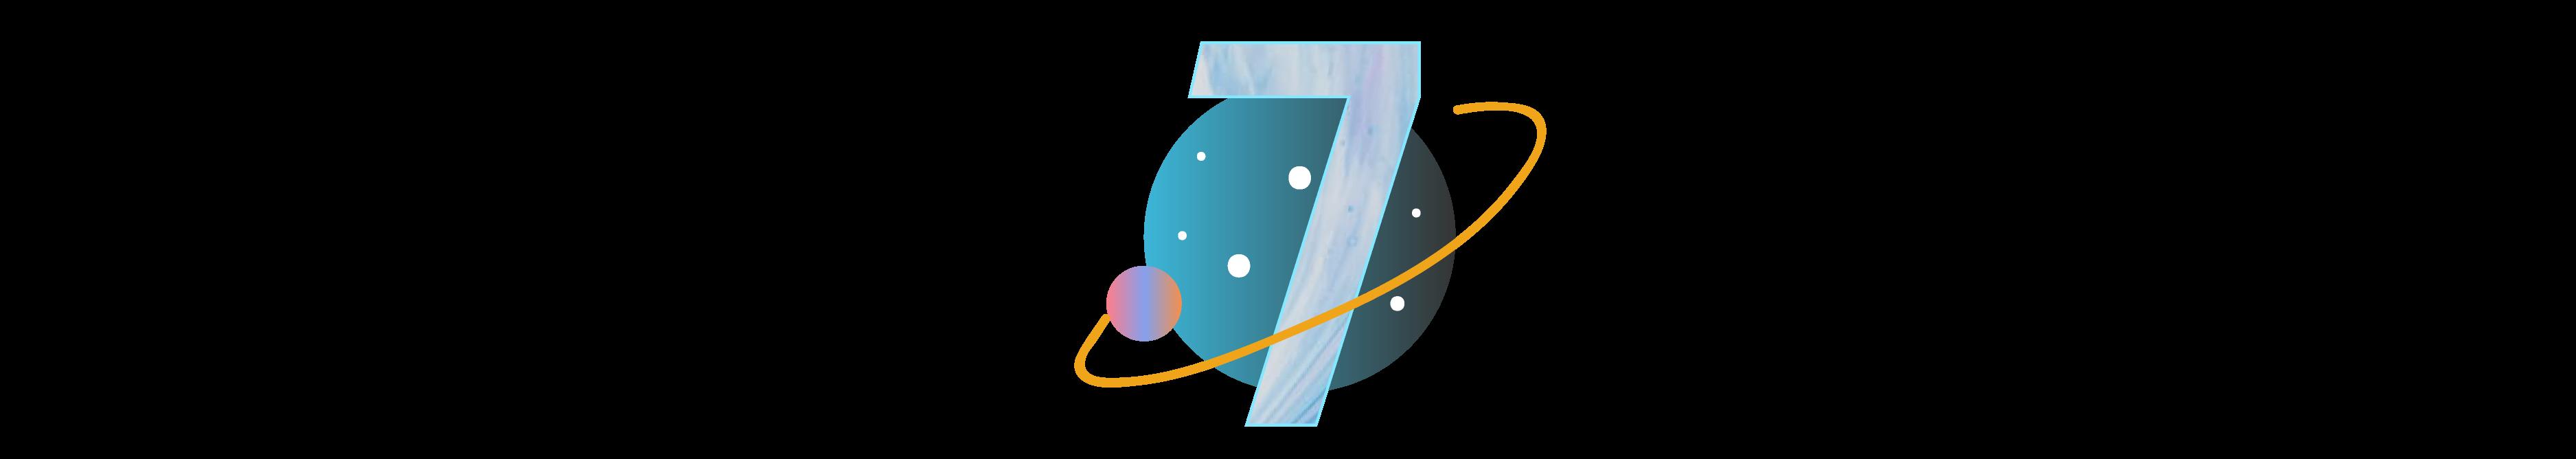 2021年6月十二星座塔罗运势,2021年运势最好的星座  第15张